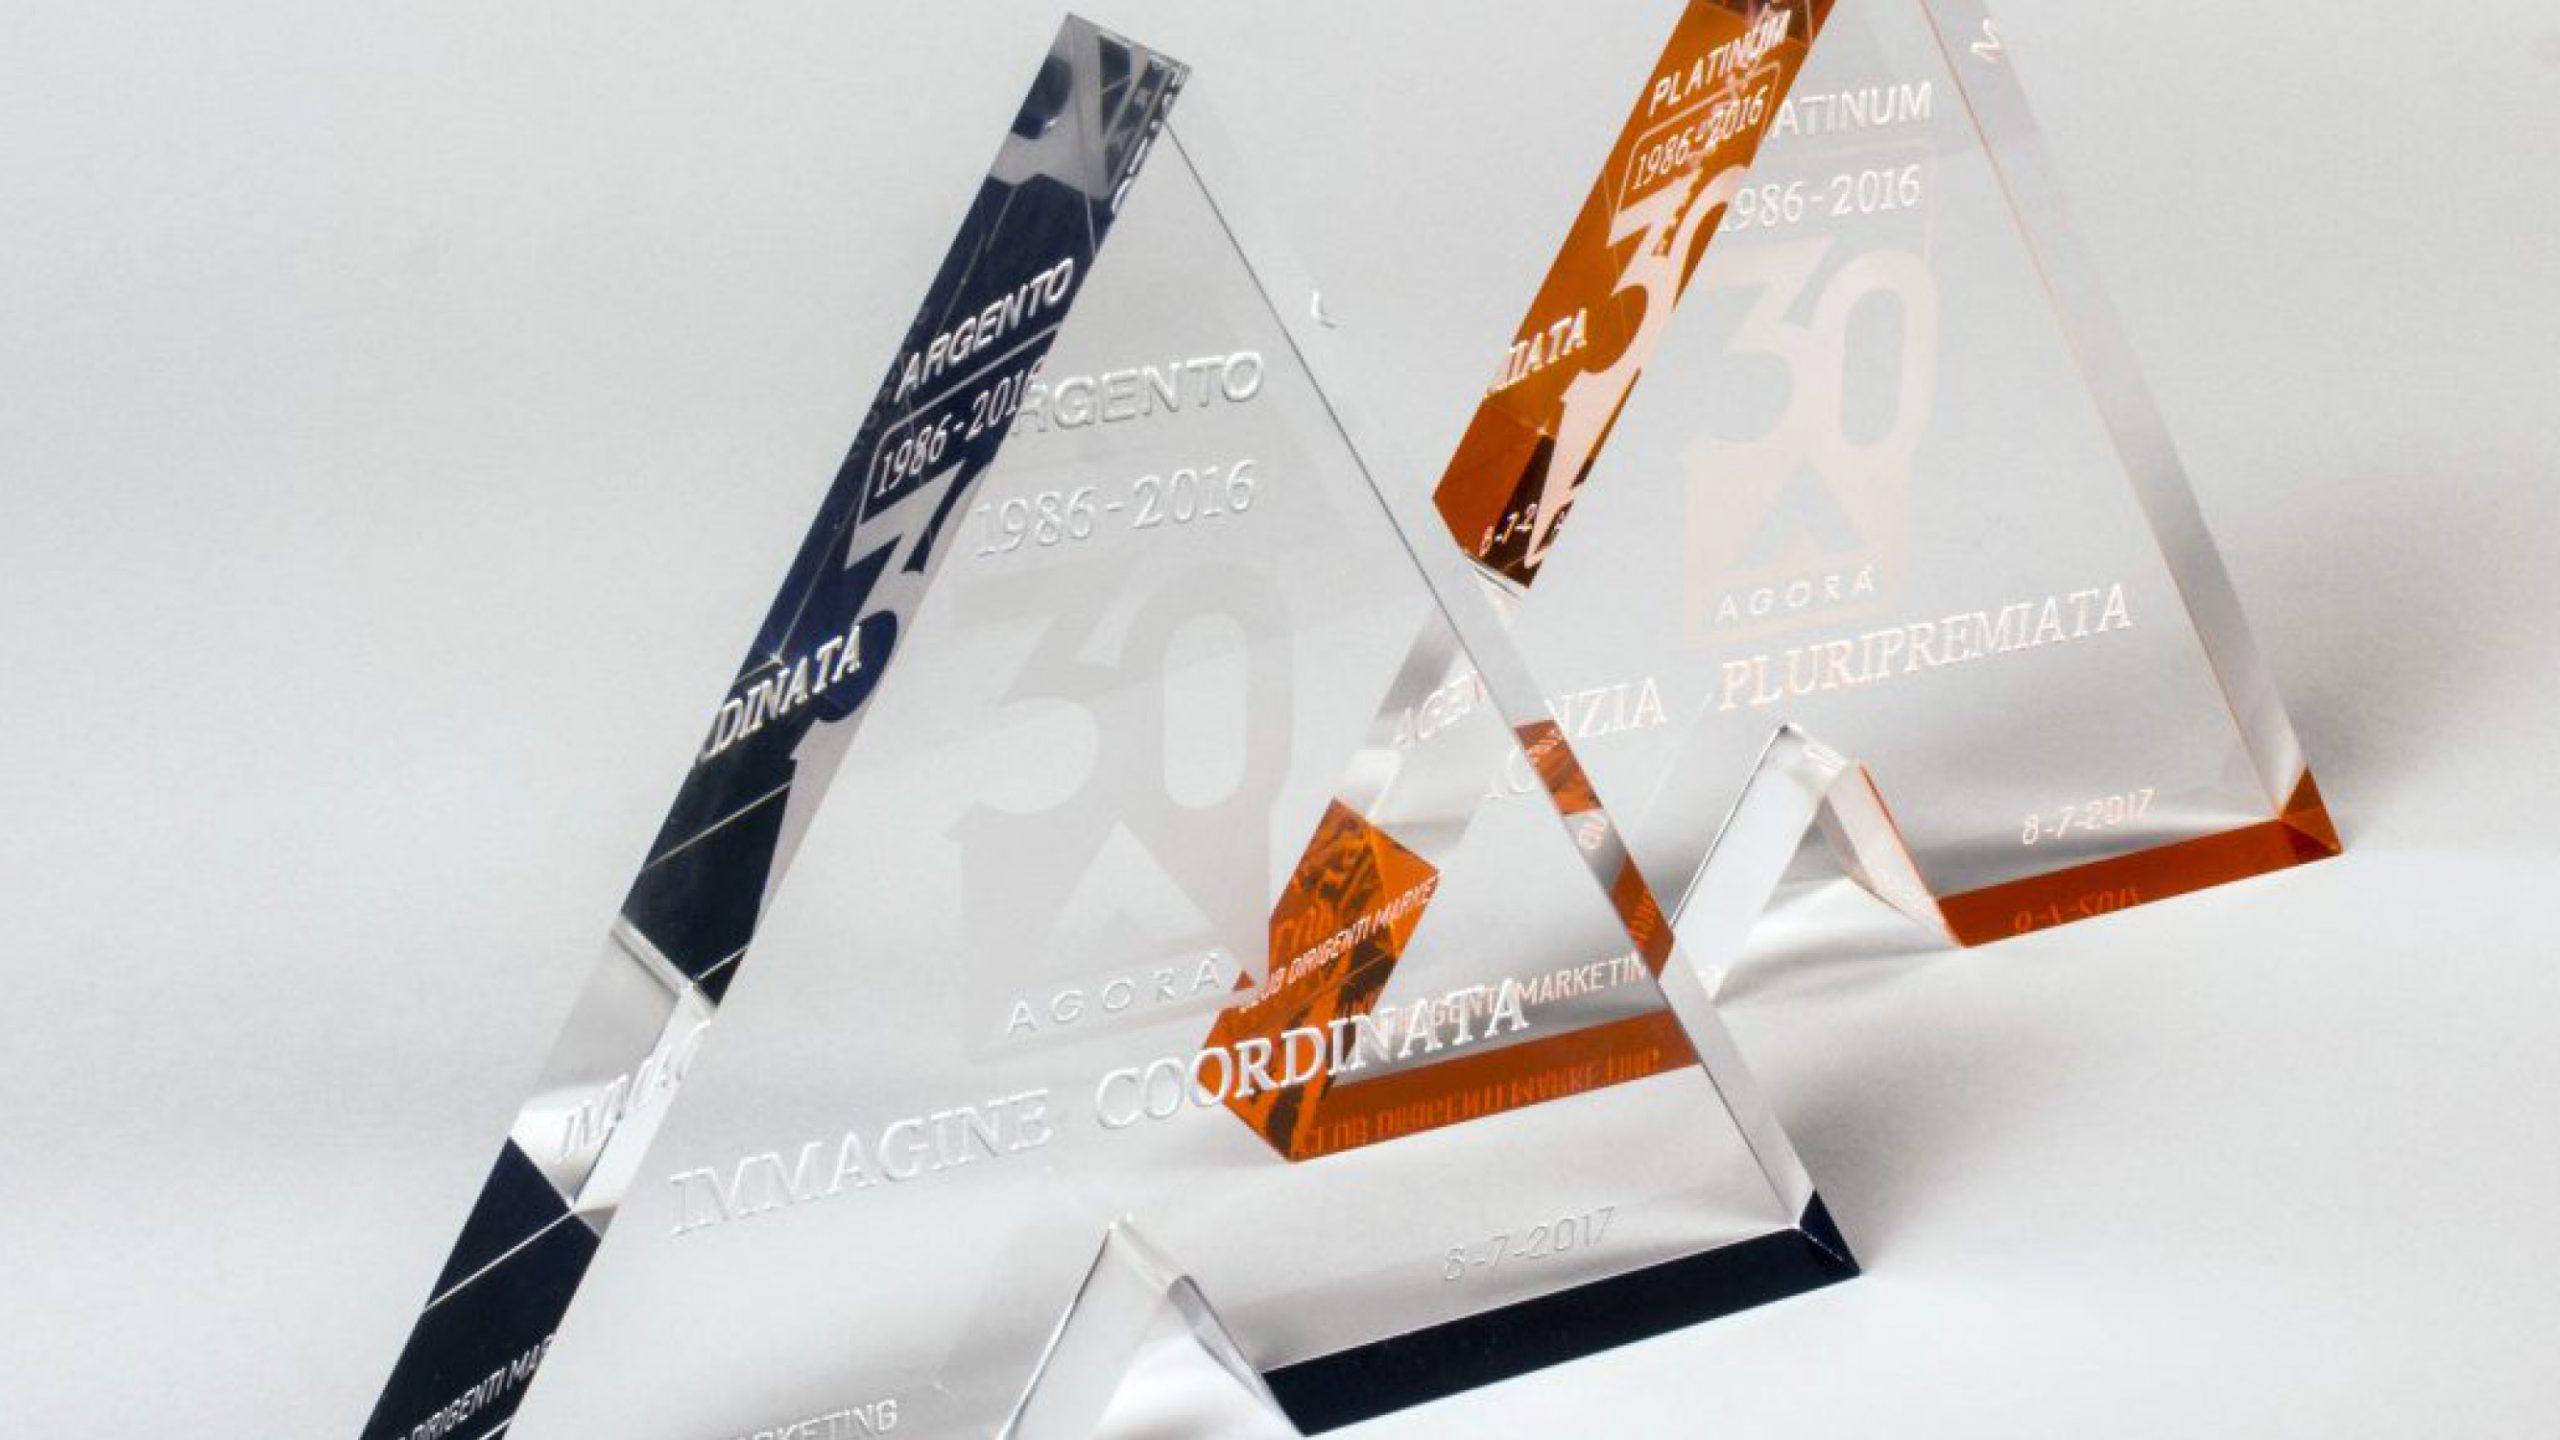 Menabò agenzia di comunicazione a Forlì - Premio Agorà 2017 cover